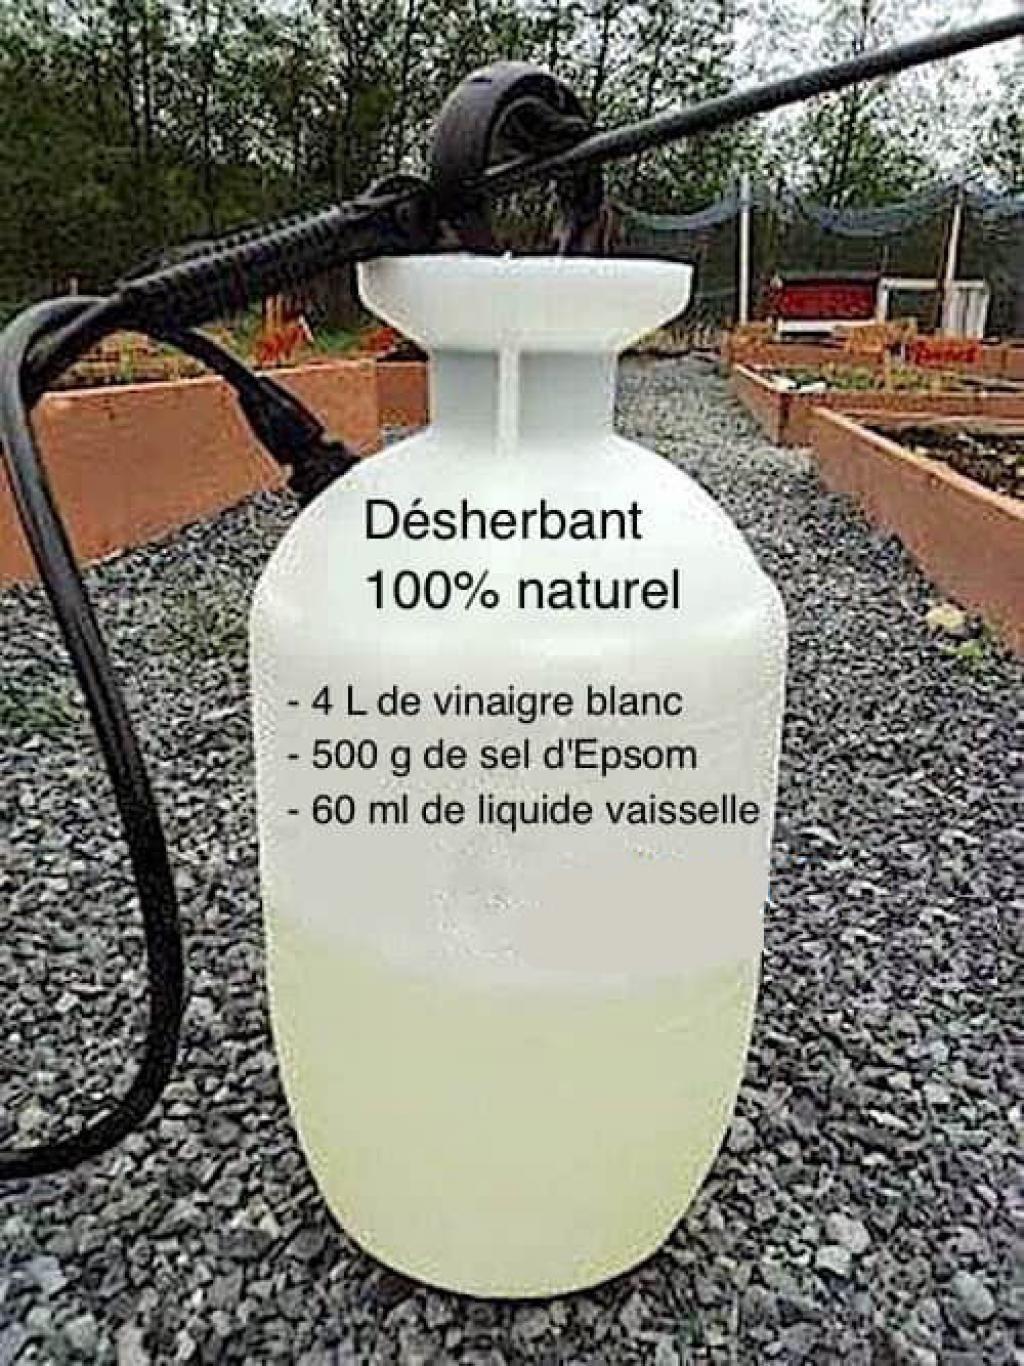 Désherbant Naturel Pour 600m2 : plus besoin d 39 acheter de d sherbant chimique utilisez ~ Nature-et-papiers.com Idées de Décoration